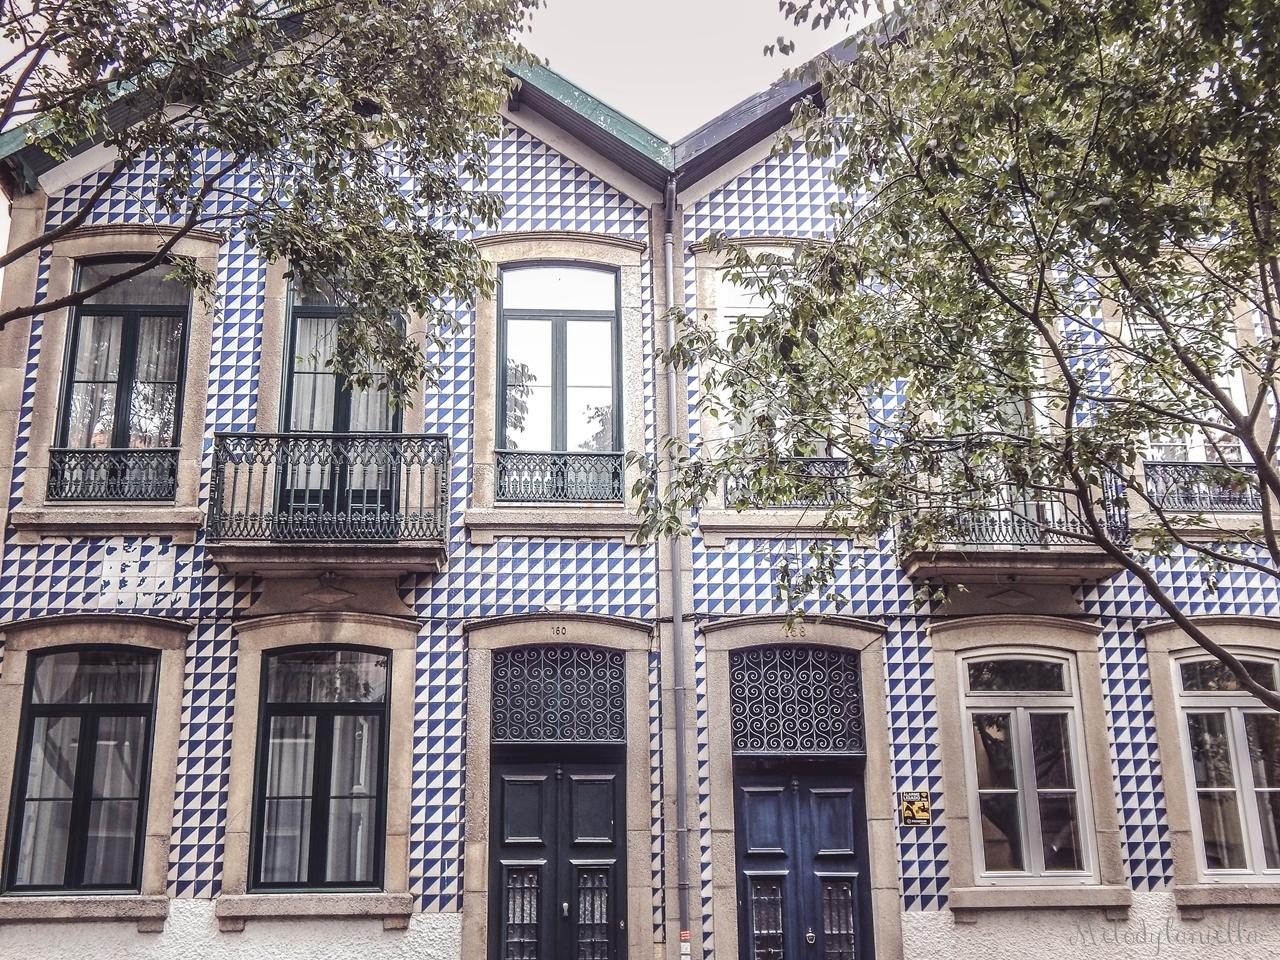 15 uliczki-2  co zobaczyć w Porto w portugalii ciekawe miejsca musisz zobaczyć top miejsc w porto zabytki piękne uliczki miejsca godne zobaczenia blog podróżniczy portugalia melodylaniella